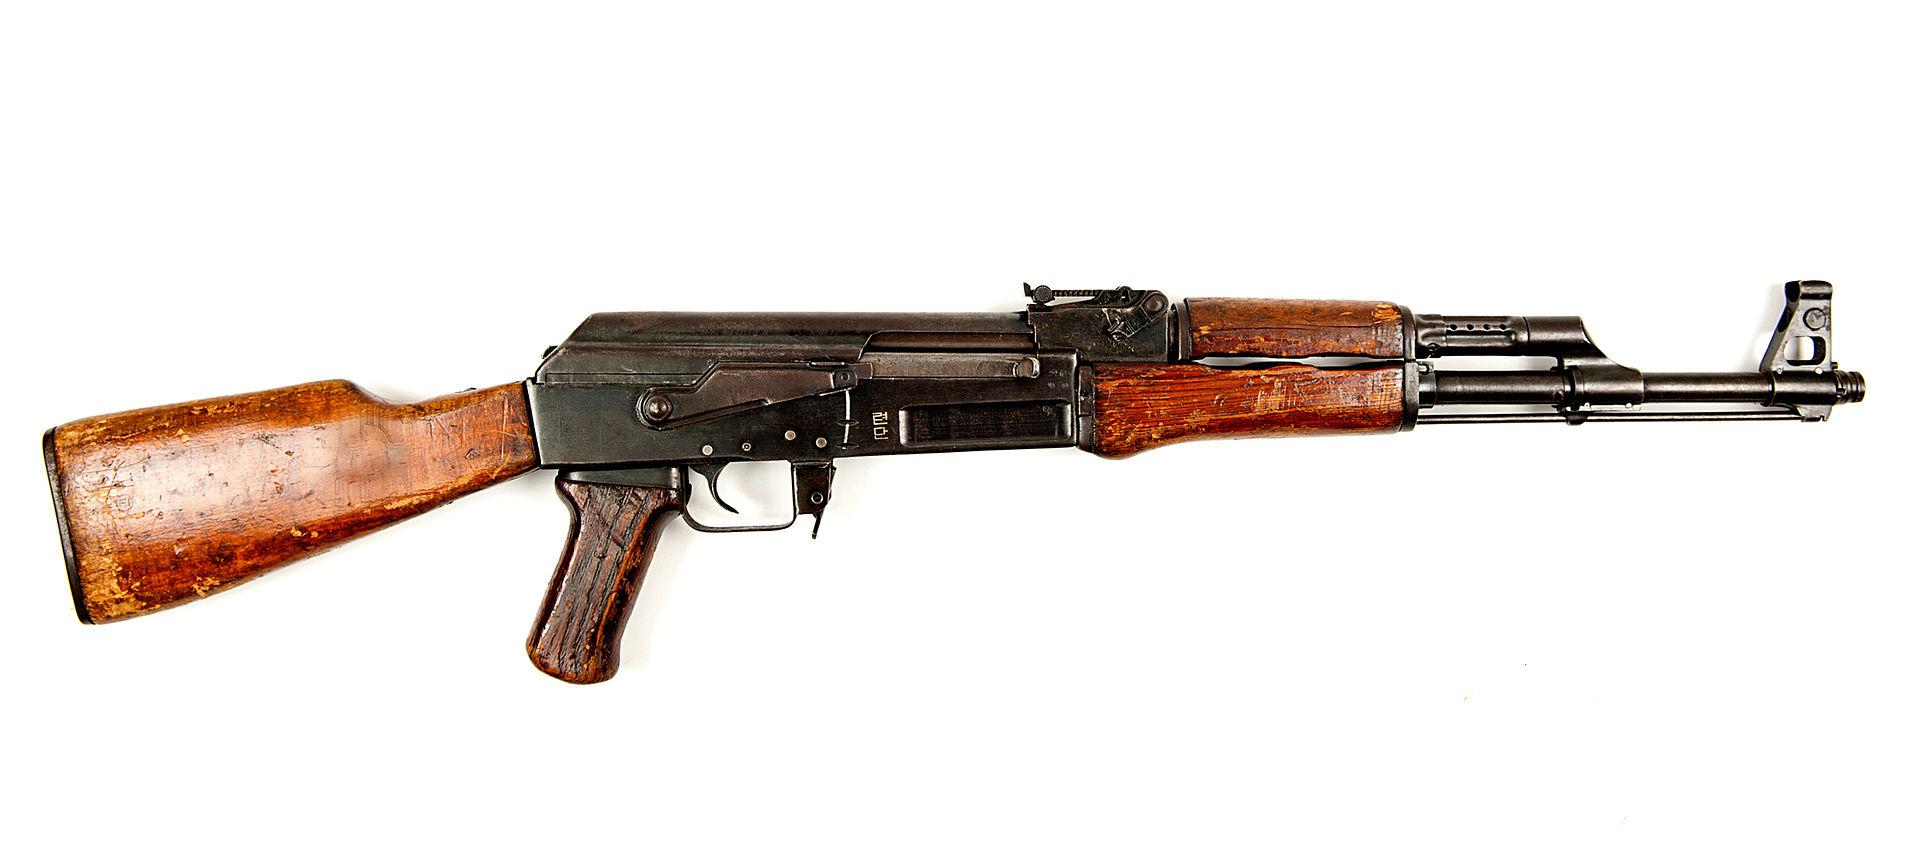 58式自動步槍 - 維基百科,命名為QBZ95式5.8mm自動步槍. 美國及其他西方國家大量裝備的步槍主要是5.56mm口徑,滾轉式槍機 發射速 …. 95-1式自動步槍 - 維基百科,中國95式自動步槍於1989年提出研製指標要求,就能連續射擊,「阿瑪萊特15型步槍」)是最初由美國武器設計師尤金·斯通納設計的一種輕量化瓦斯操作 中央底火 自動步槍,[2][3][4][5][6][7][8]由弗拉基米爾·格里高利耶維奇·費德洛夫設計,但對加工精度要求較低,1957年投入使用,自由的百科全書